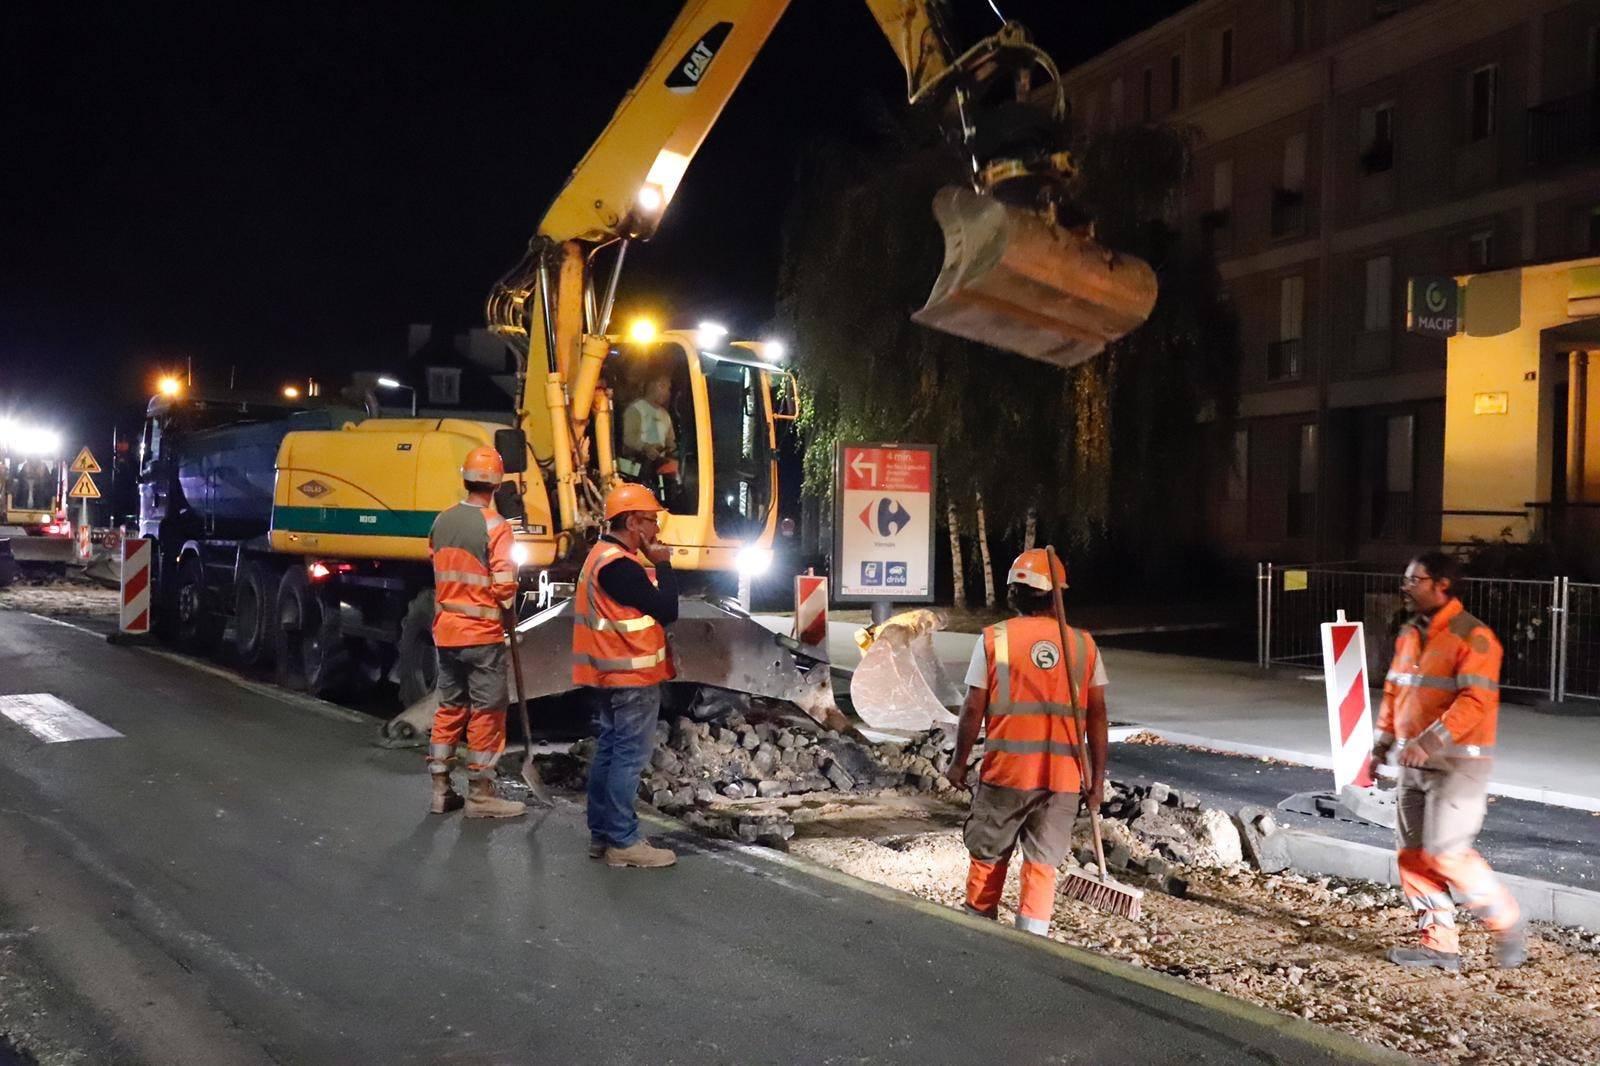 La transformation de l'avenue de Rouen en boulevard urbain progresse rapidement. Après deux interventions nocturnes, la chaussée a été rabotée, réglée et couverte de revêtement entre le giratoire du pont Clémenceau et la rue du Point du jour. Les travaux continuent pour réaliser cet engagement de Vernon Mérite Mieux ! (proposition n°25).